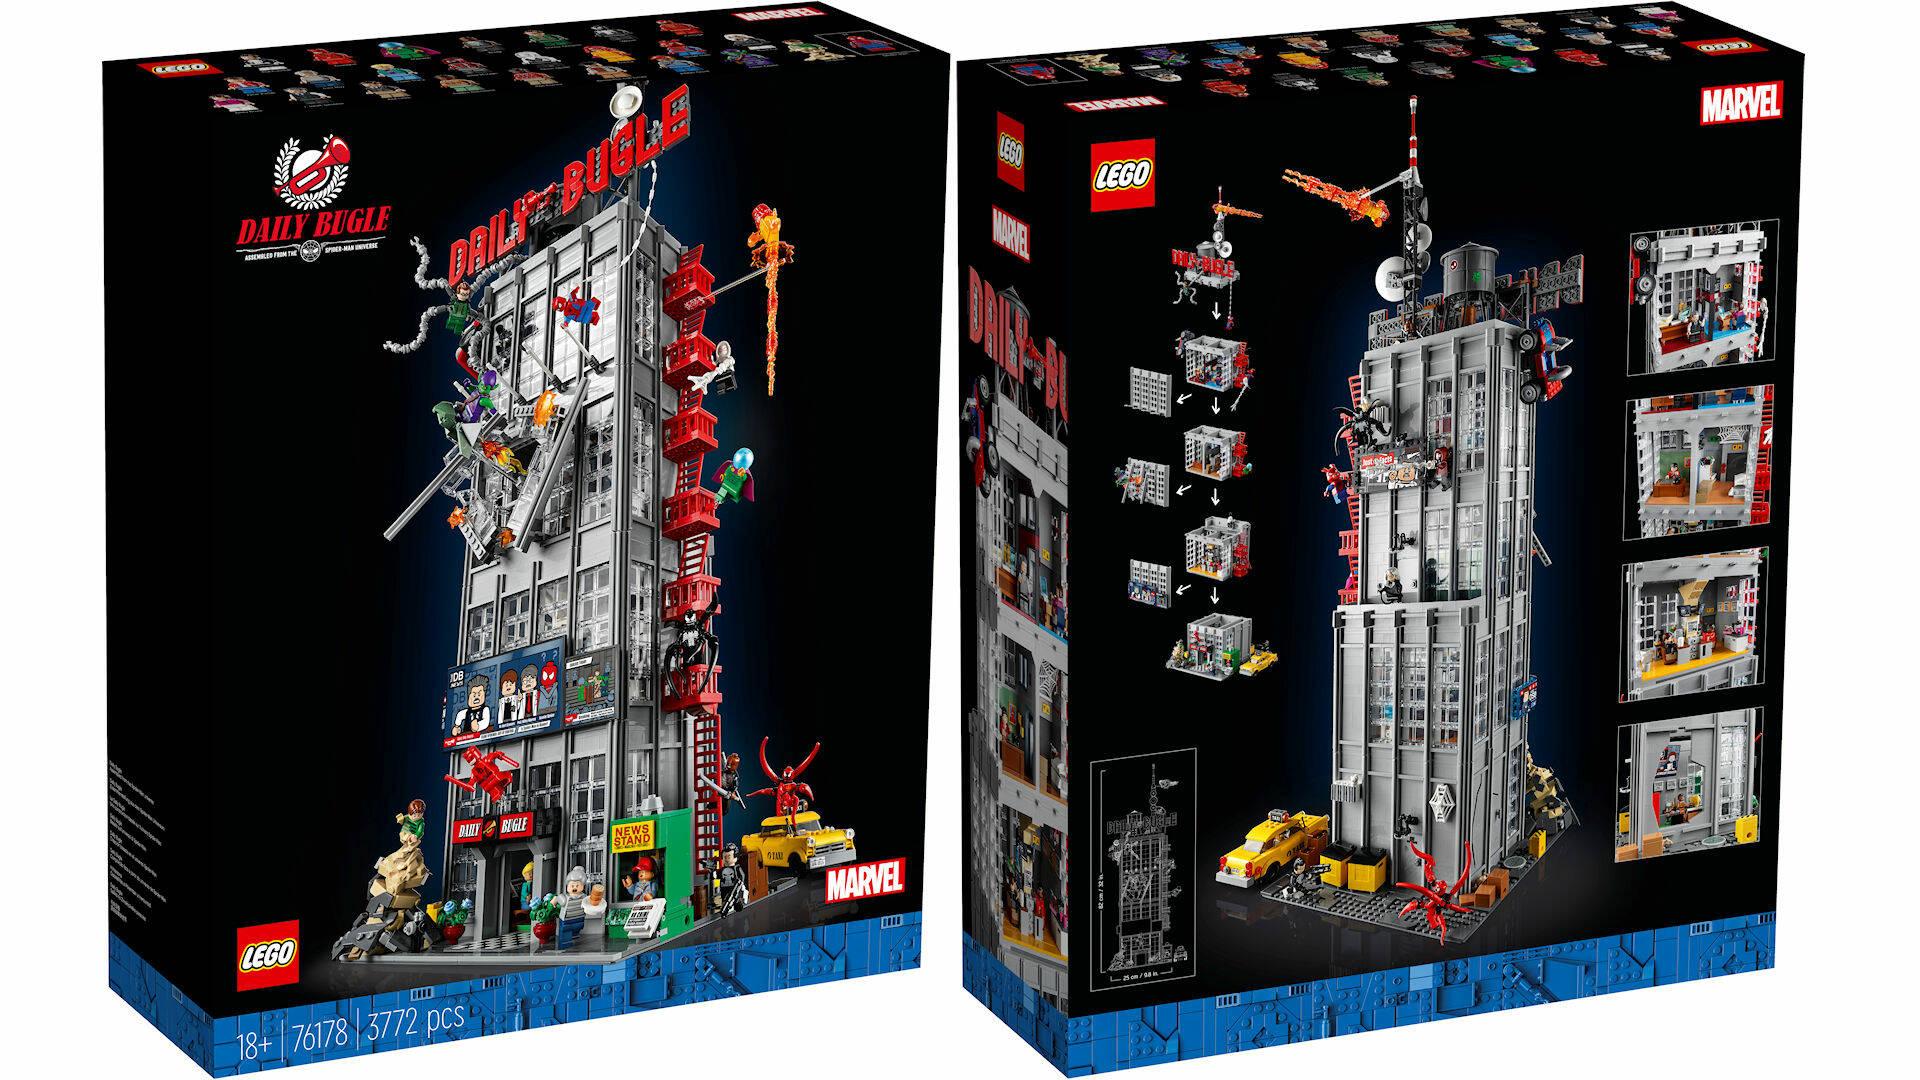 LEGO MARVEL #76178 DAILY BUGLE